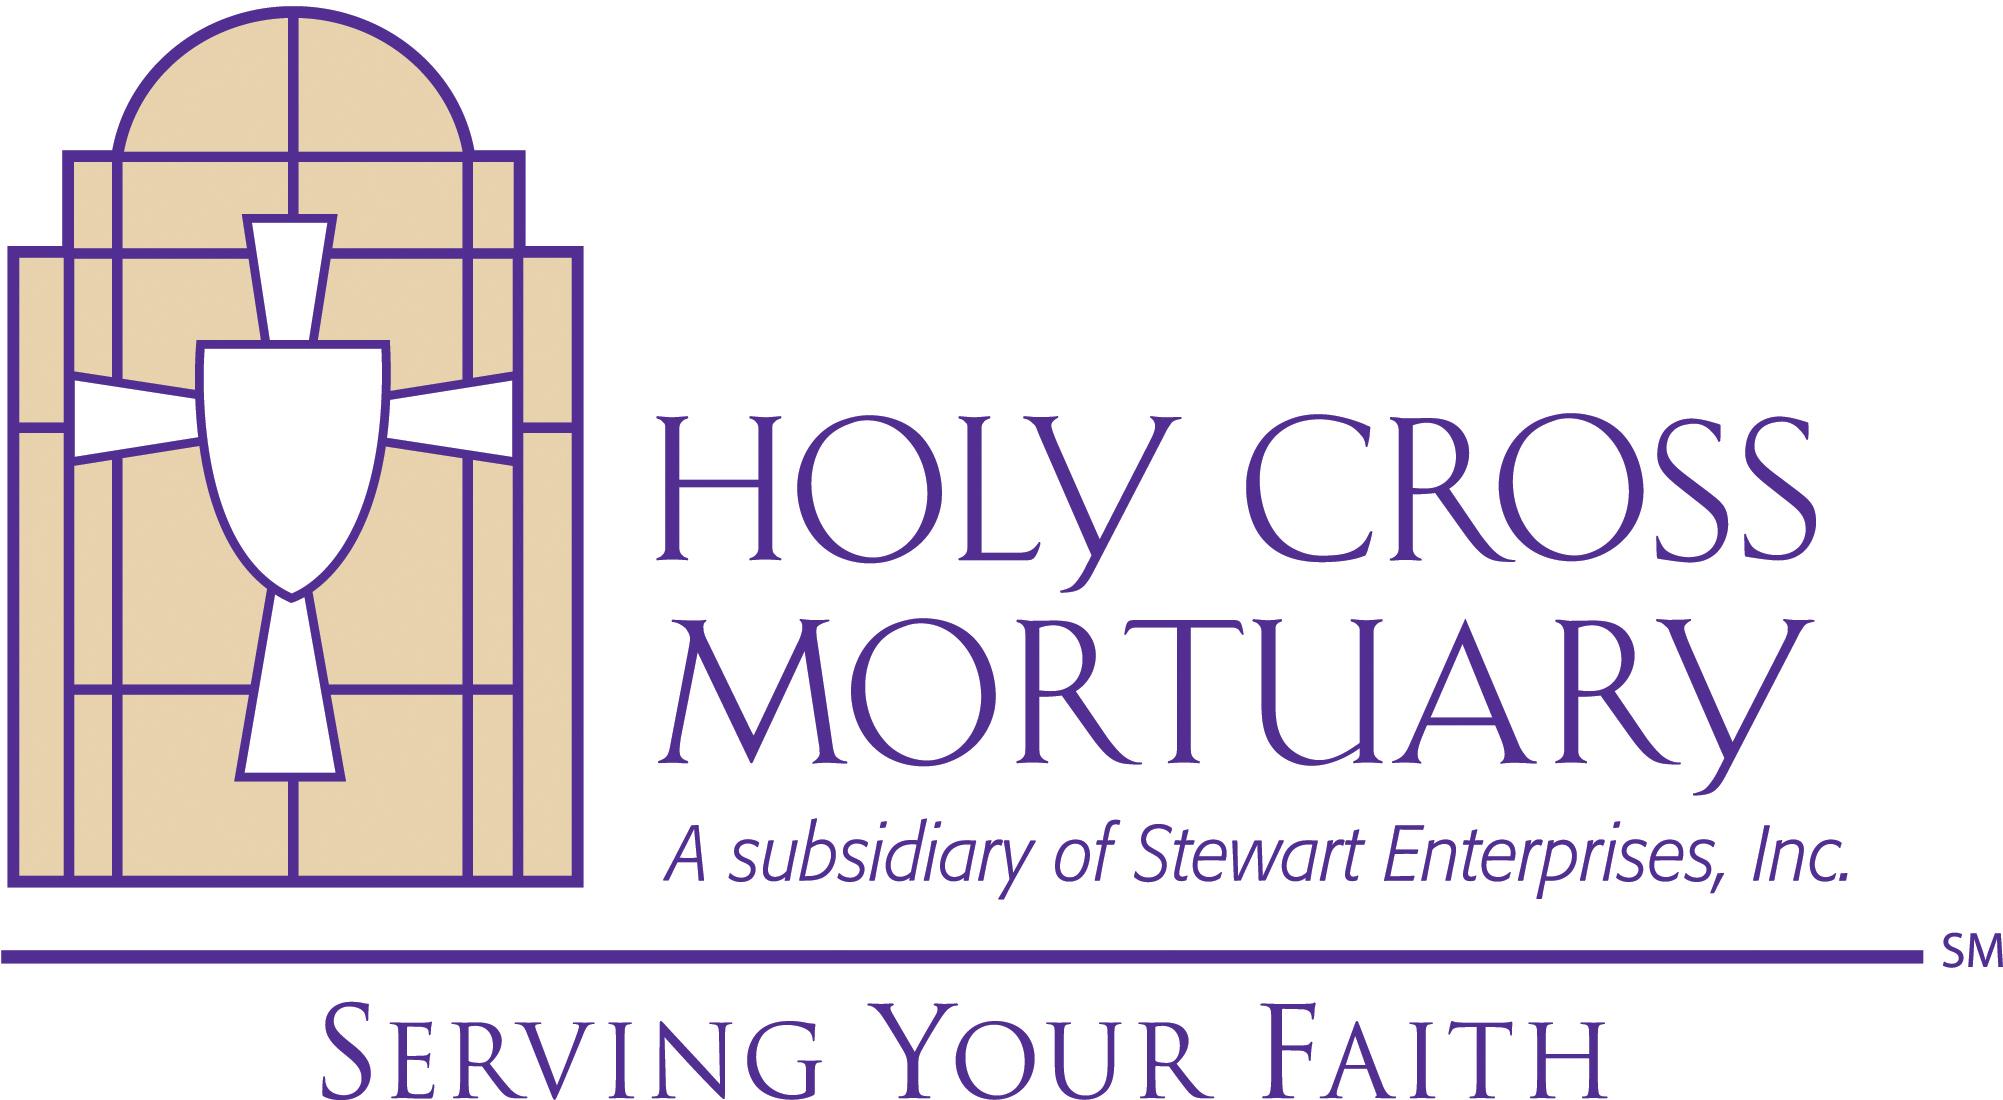 Holy Cross Mortuary